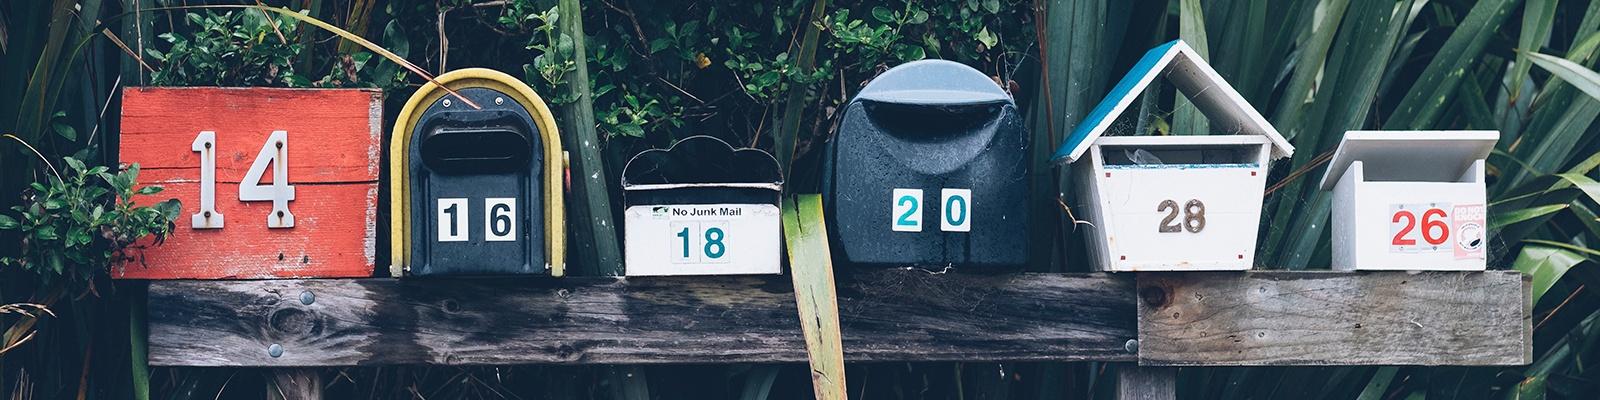 El Email Marketing es la principal fuente de ingresos de un Ecommerce